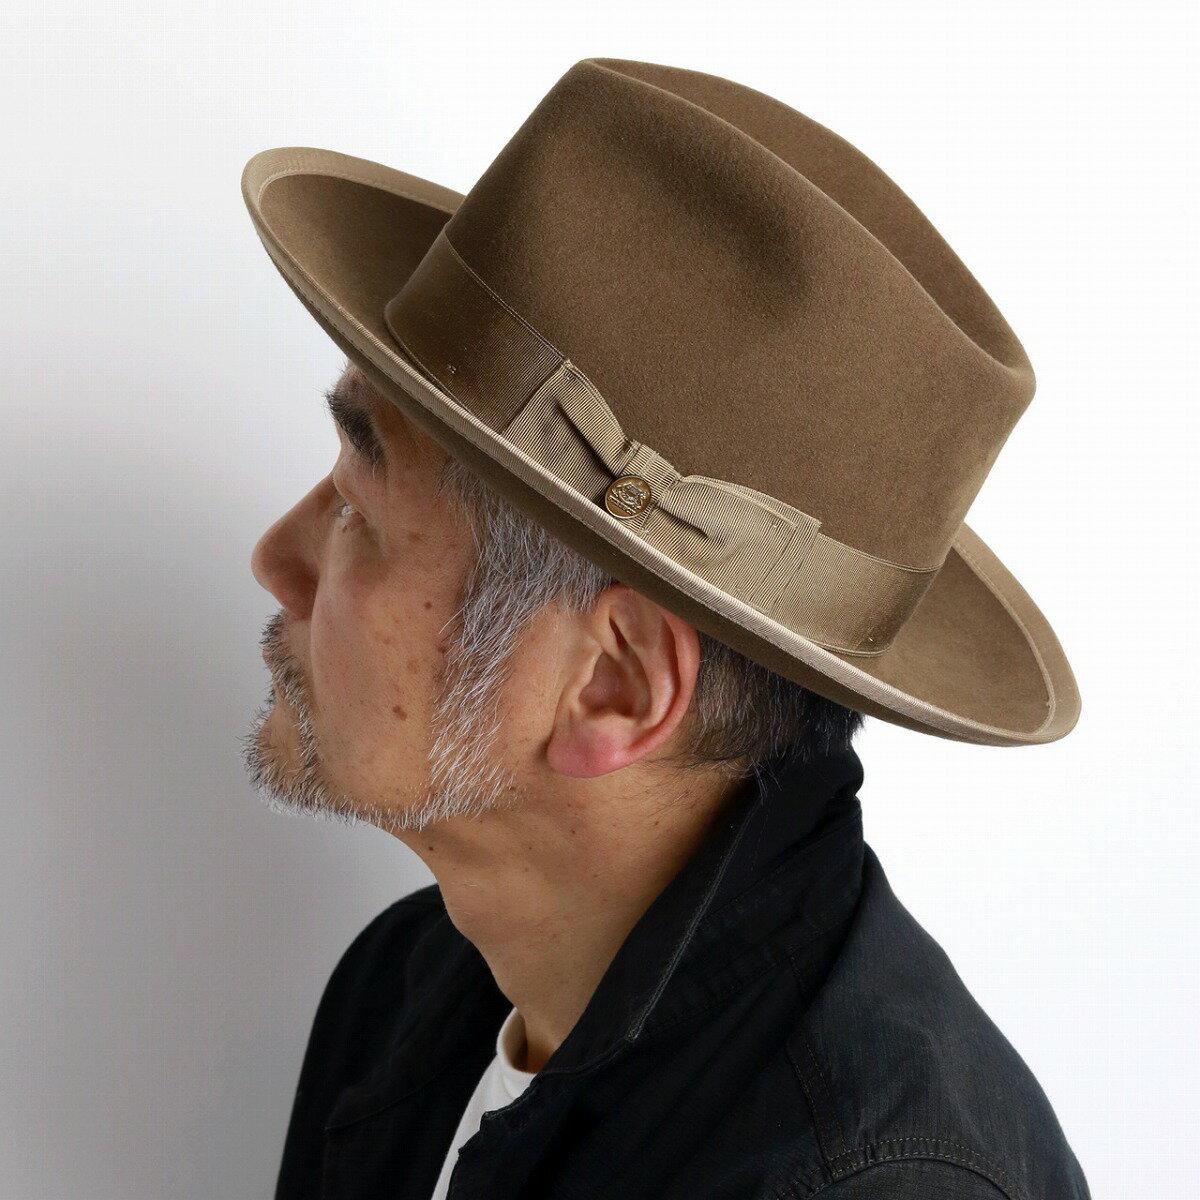 ステットソン フェルトハット メンズ 中折れハット ヴィンテージ ウィペット 中折れ帽 紳士 高級 ハット STETSON WHIPPET アメリカ ブランド 帽子 クラシカル ベージュ [ fedora ] stetson 帽子通販 男性 帽子 クリスマス ギフト プレゼント